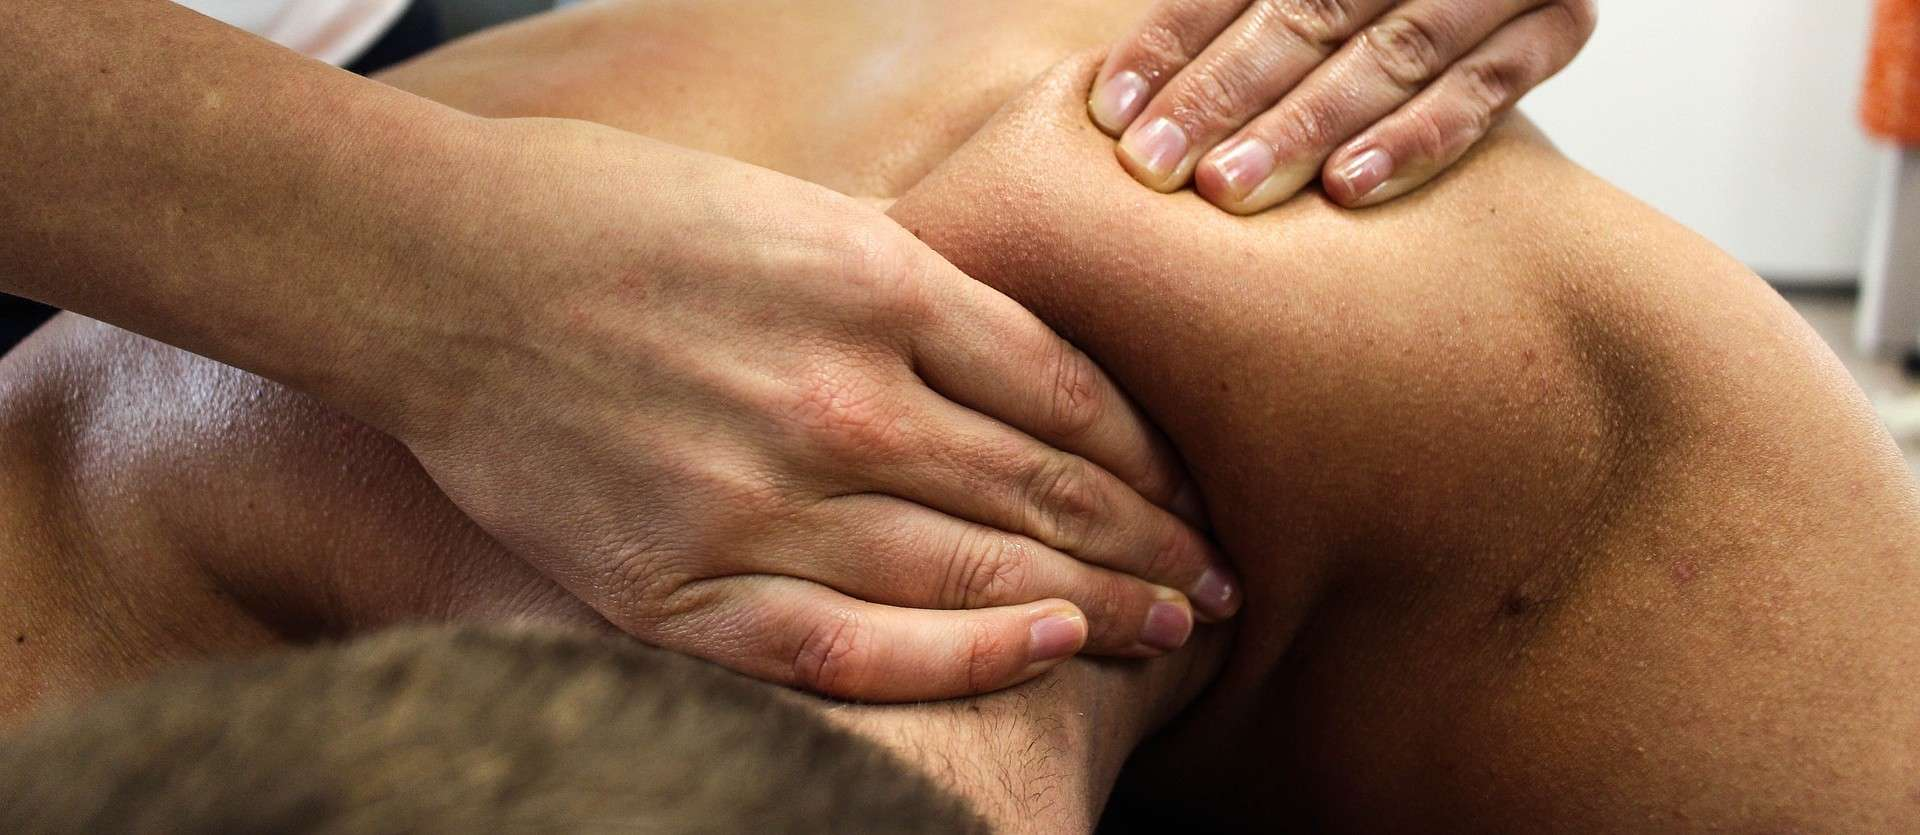 A photo of a man receiving a neck massage